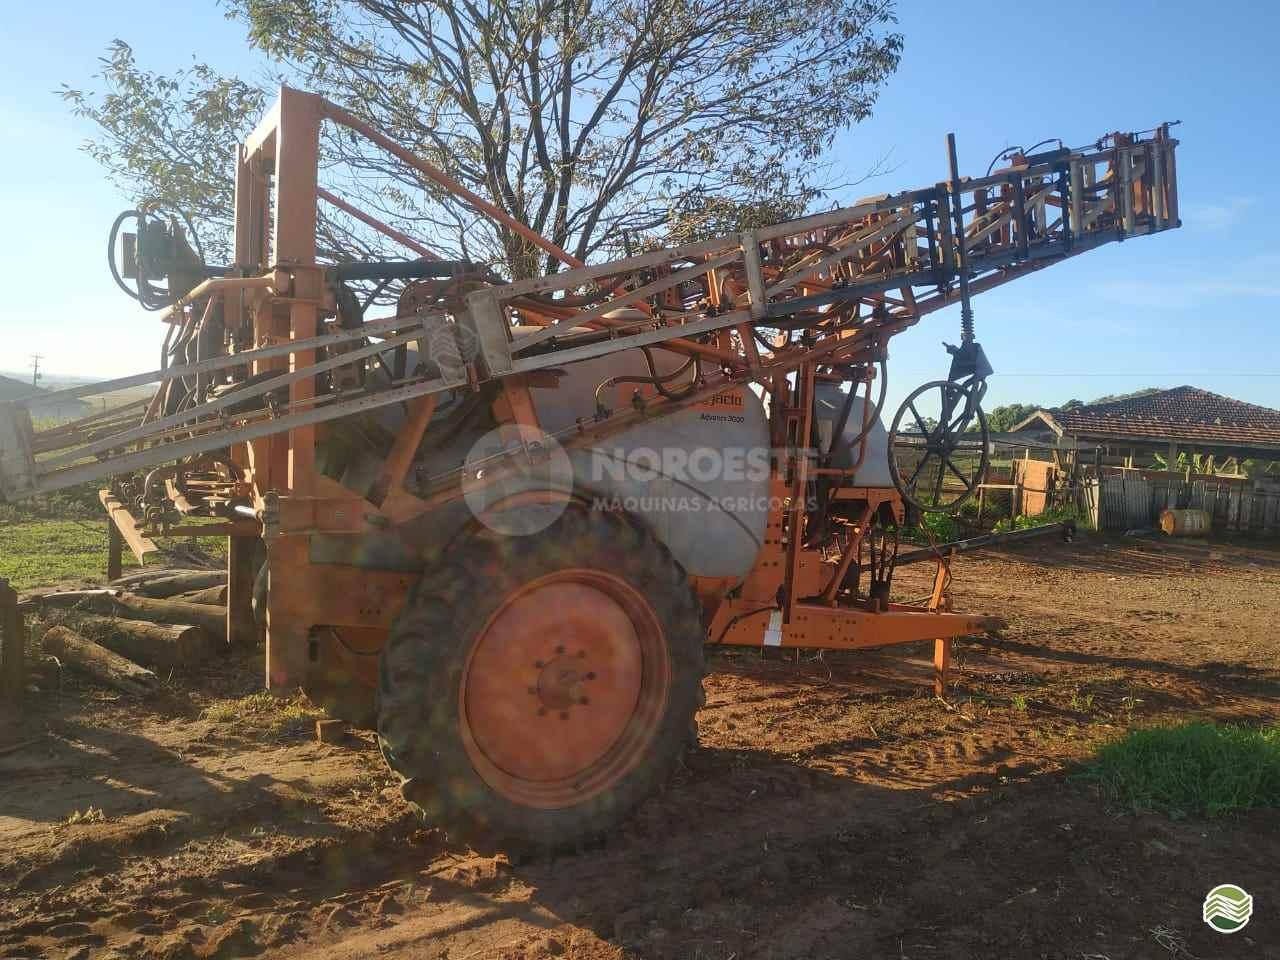 ADVANCE 3000 AM24 de Noroeste Máquinas Agrícolas - CIANORTE/PR